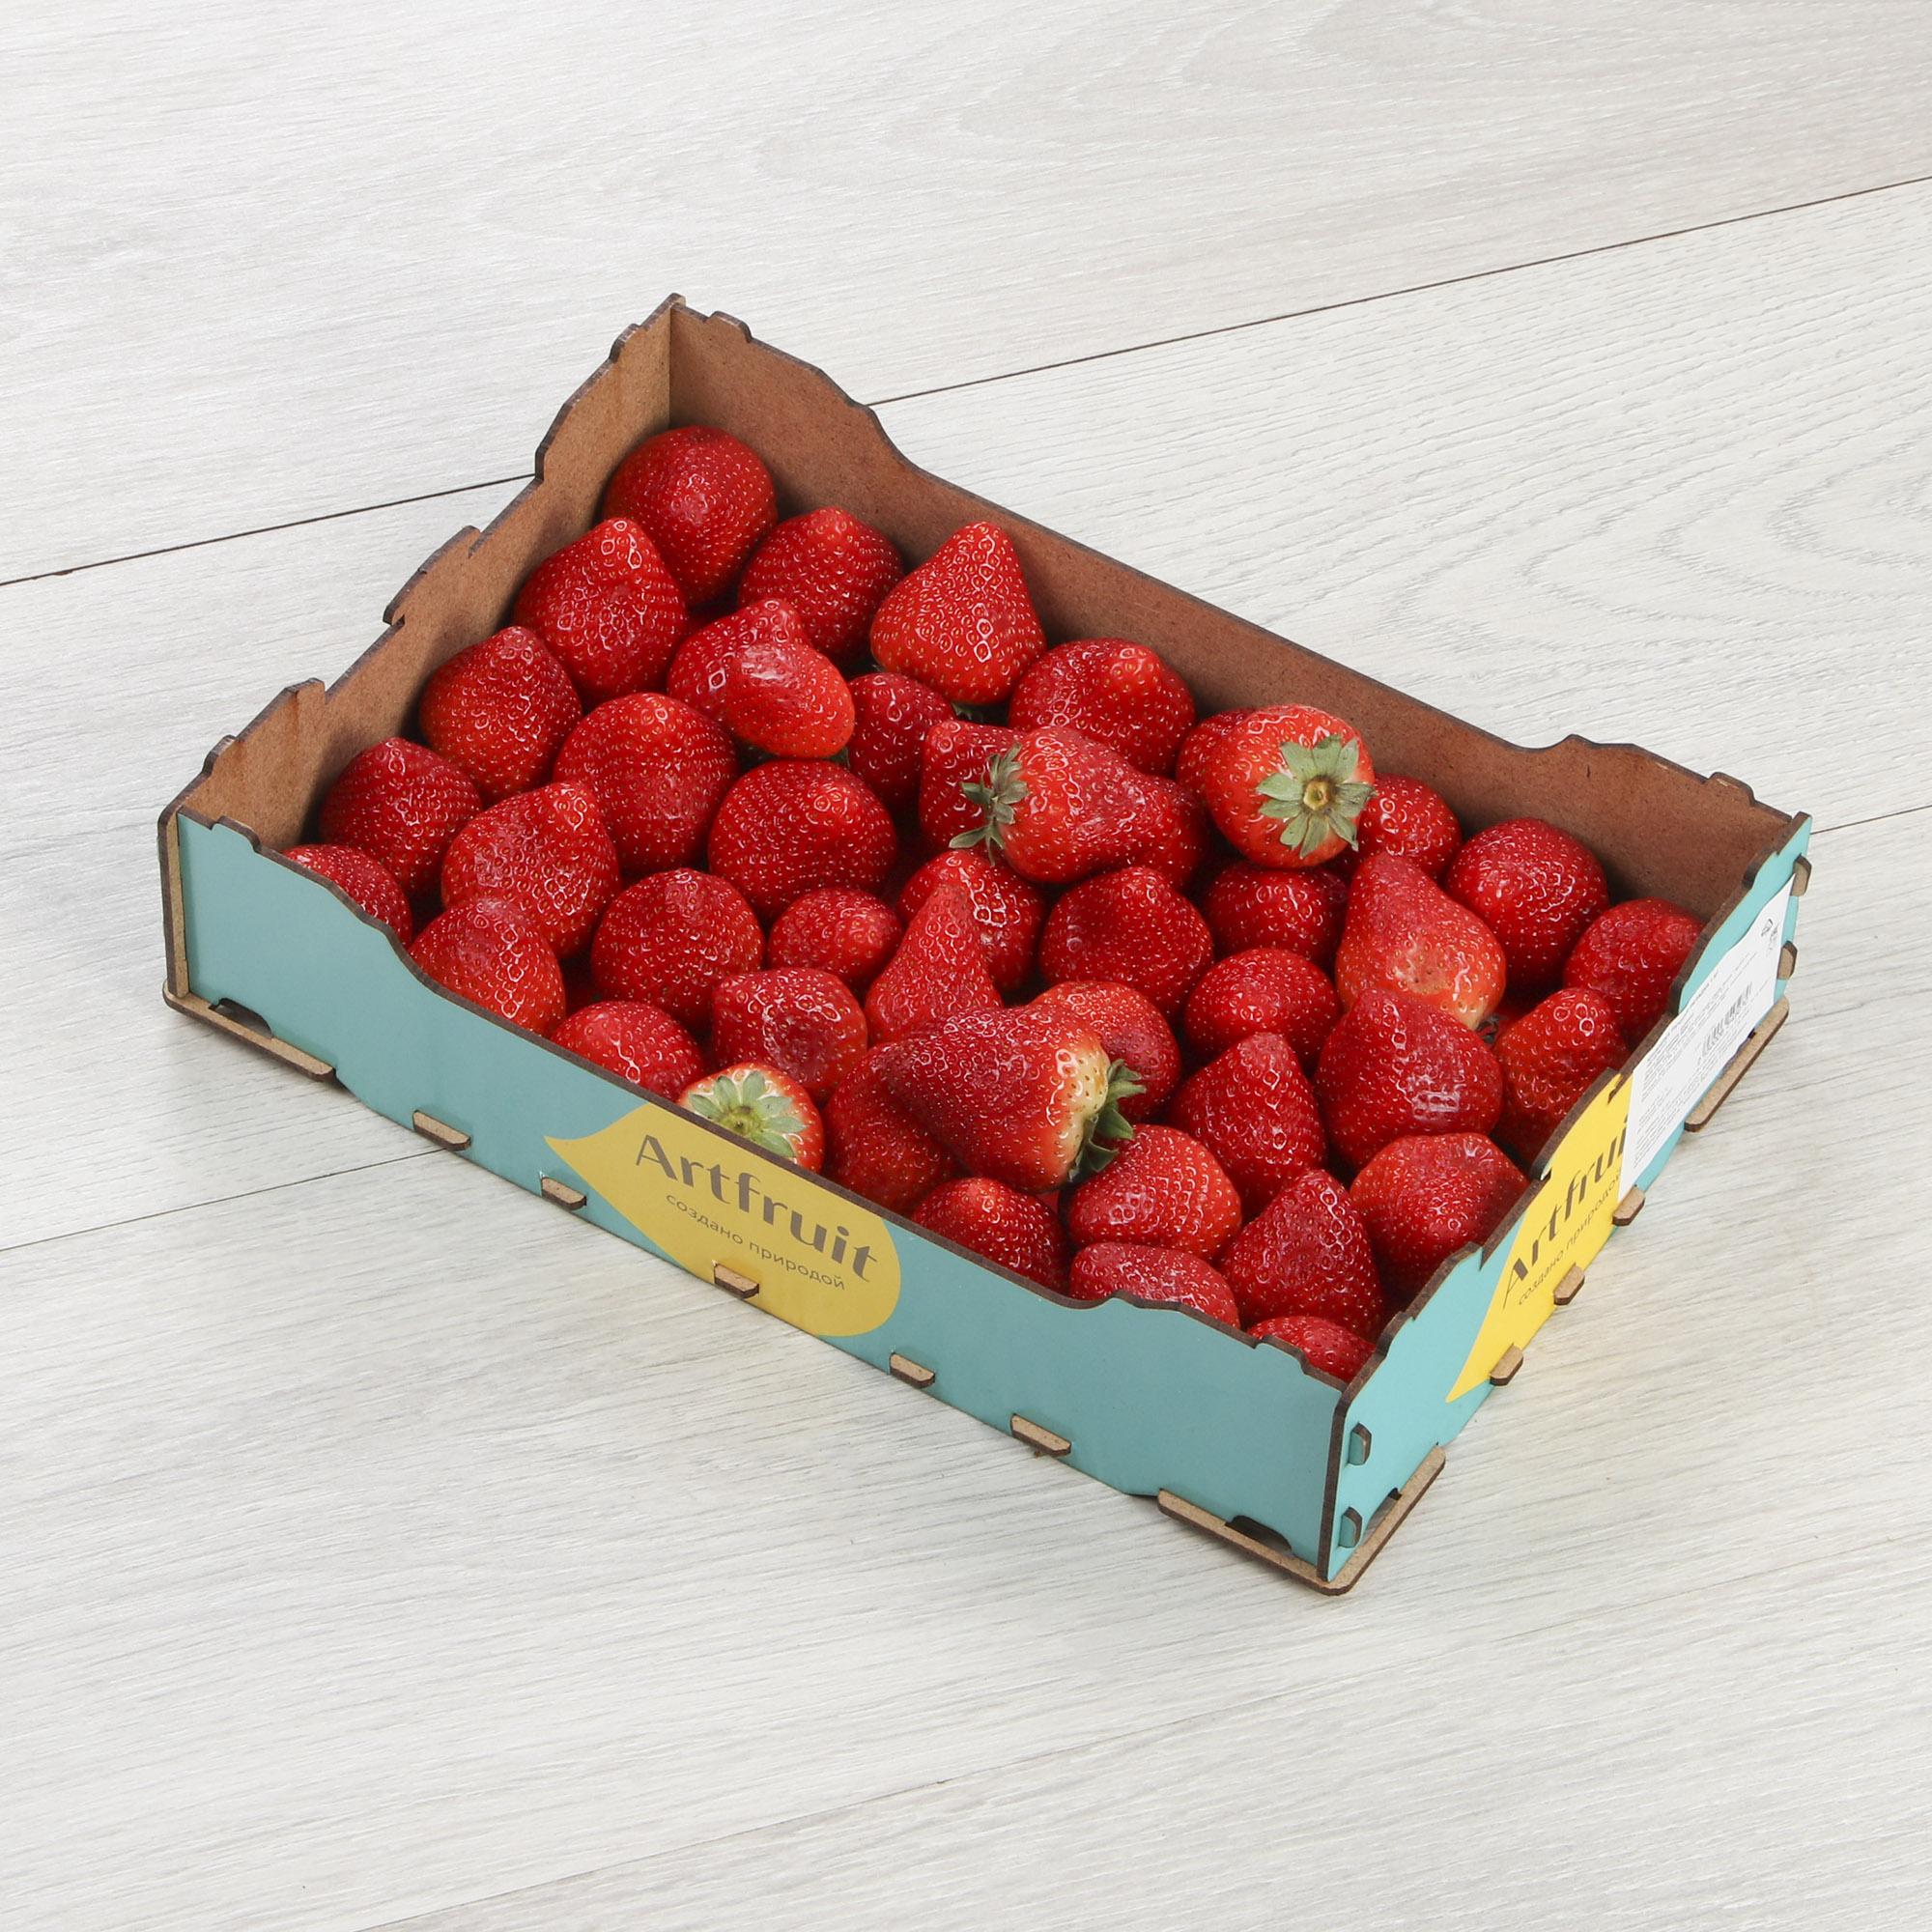 Клубника Art Fruit 1 кг